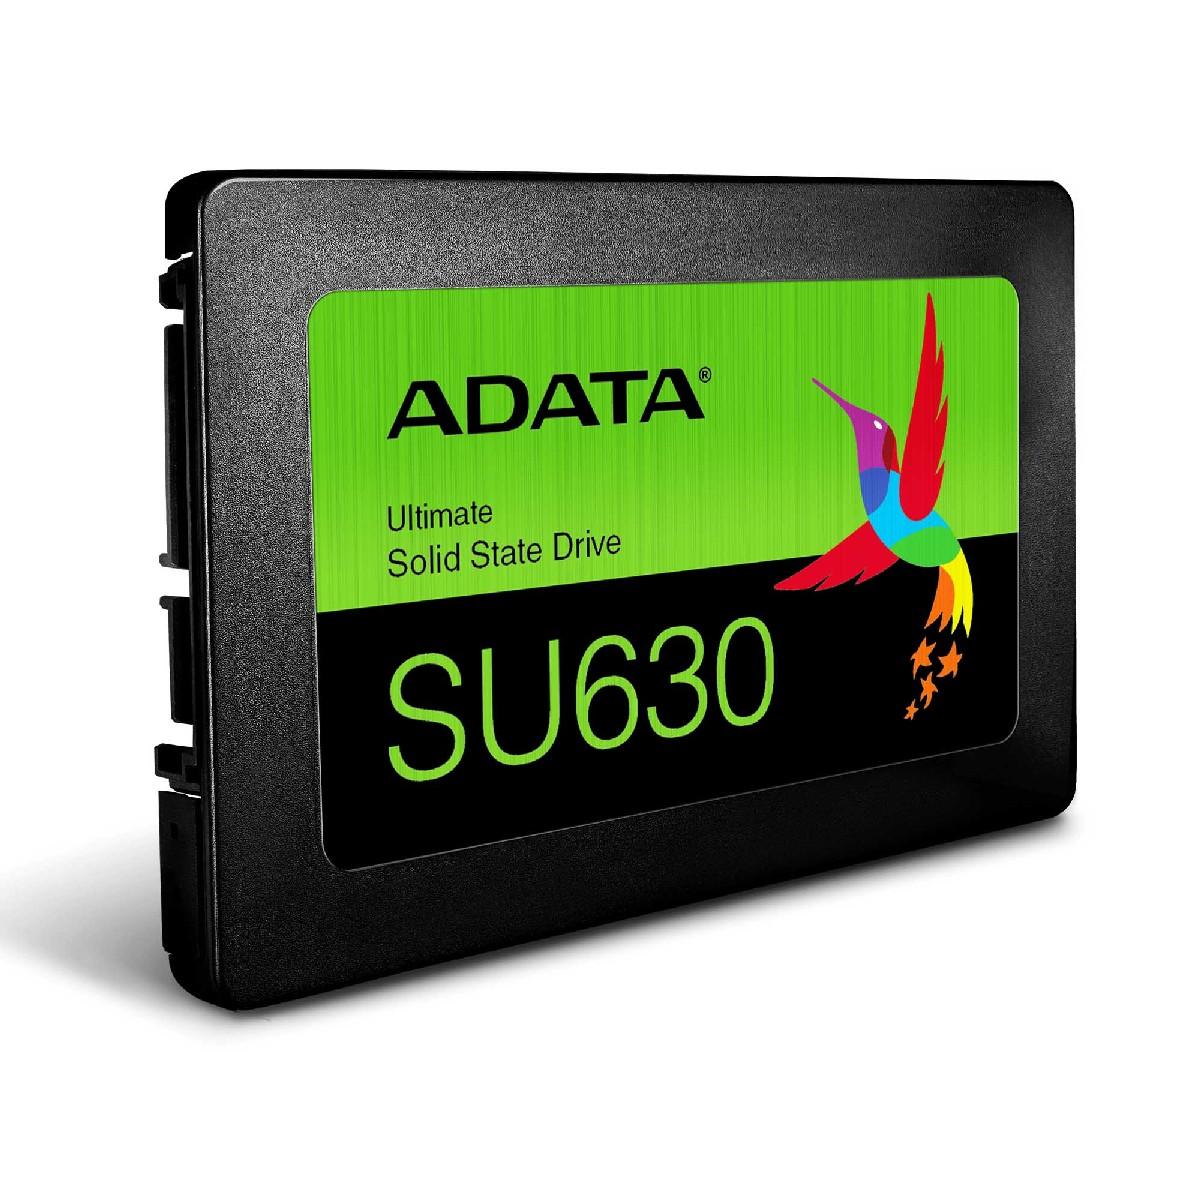 """Σκληρός Δίσκος ADATA ULTIMATE SU630 3D NAND 2.5"""" SATA III 480GB SSD"""